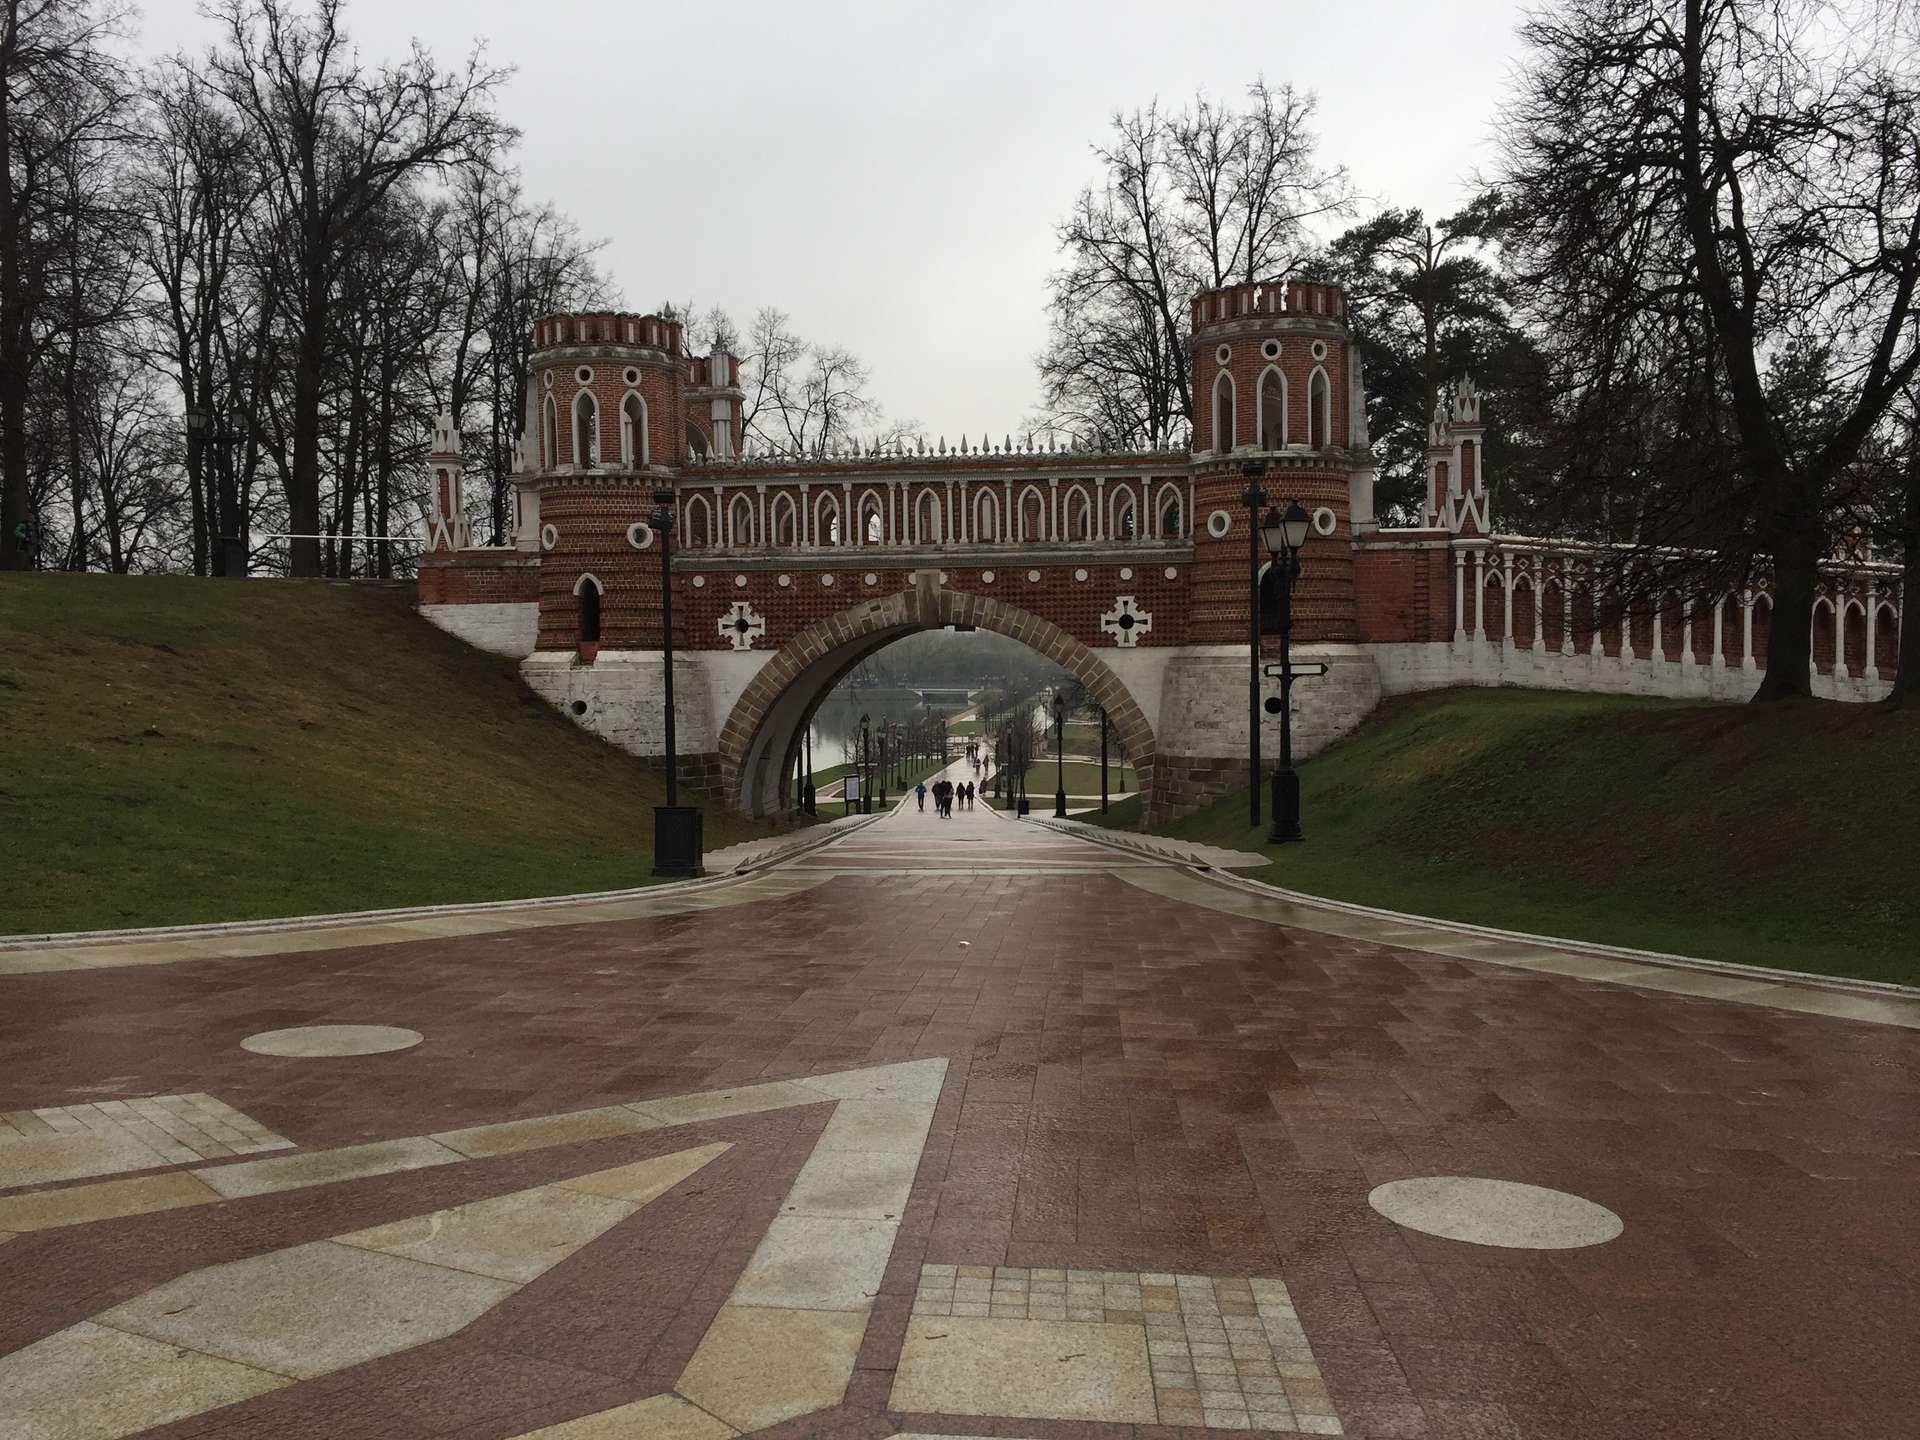 Rusland, Moskou, Tsaritsyno Park